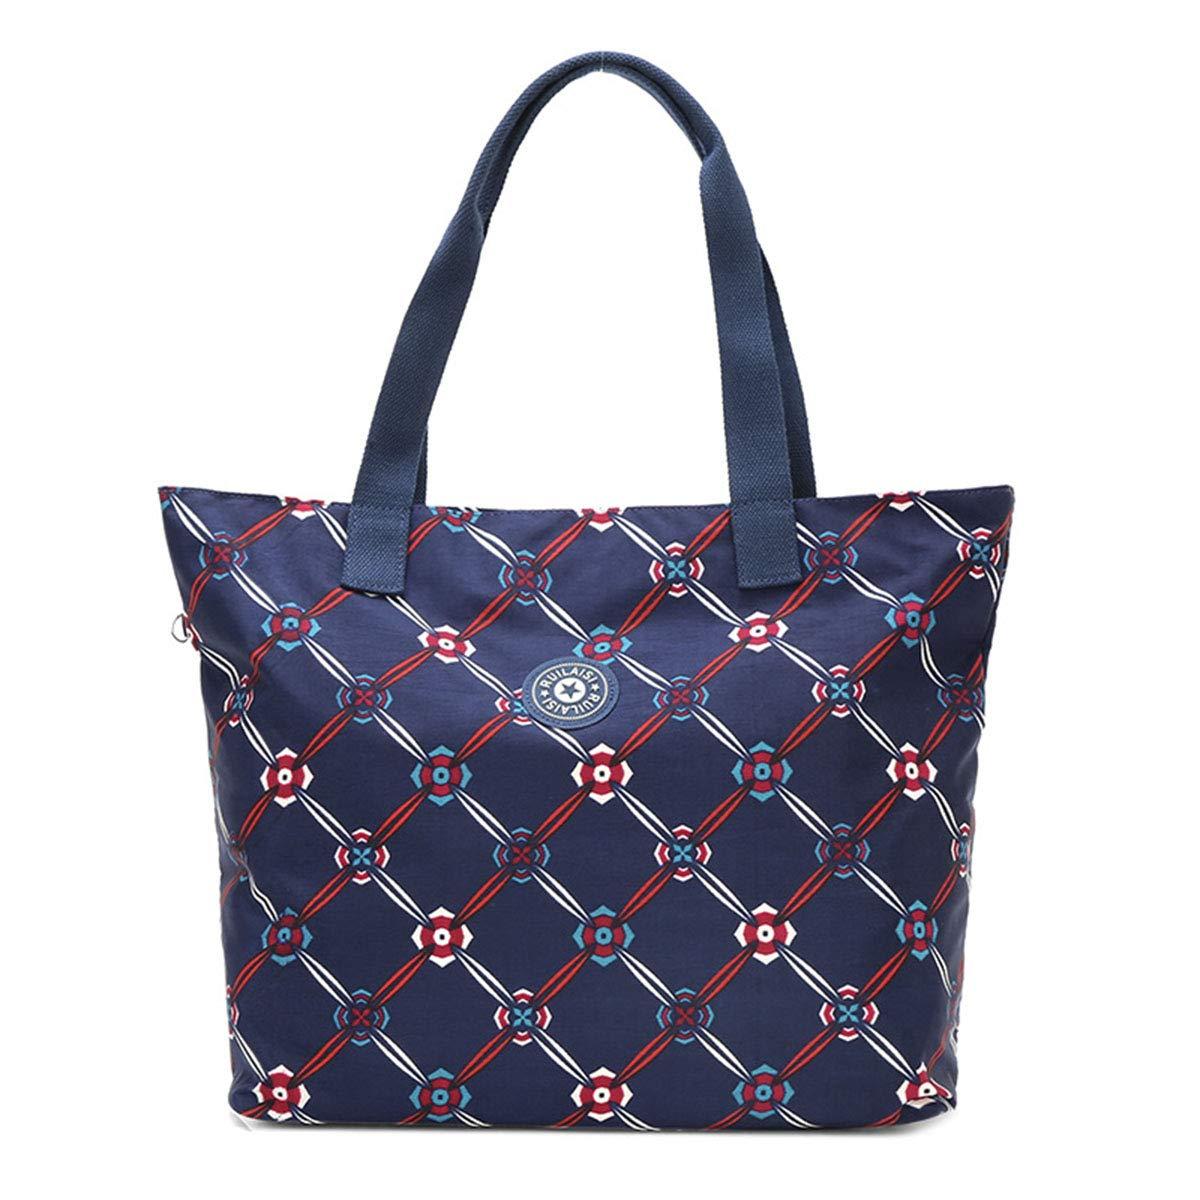 Casual Outdoor-Umhängetasche aus gewaschenem Nylon für Damen, spritzwassergeschützt große Handtasche bequem und stilvoll B07NSVHN3V Umhngetaschen Vollständige Palette von Spezifikationen